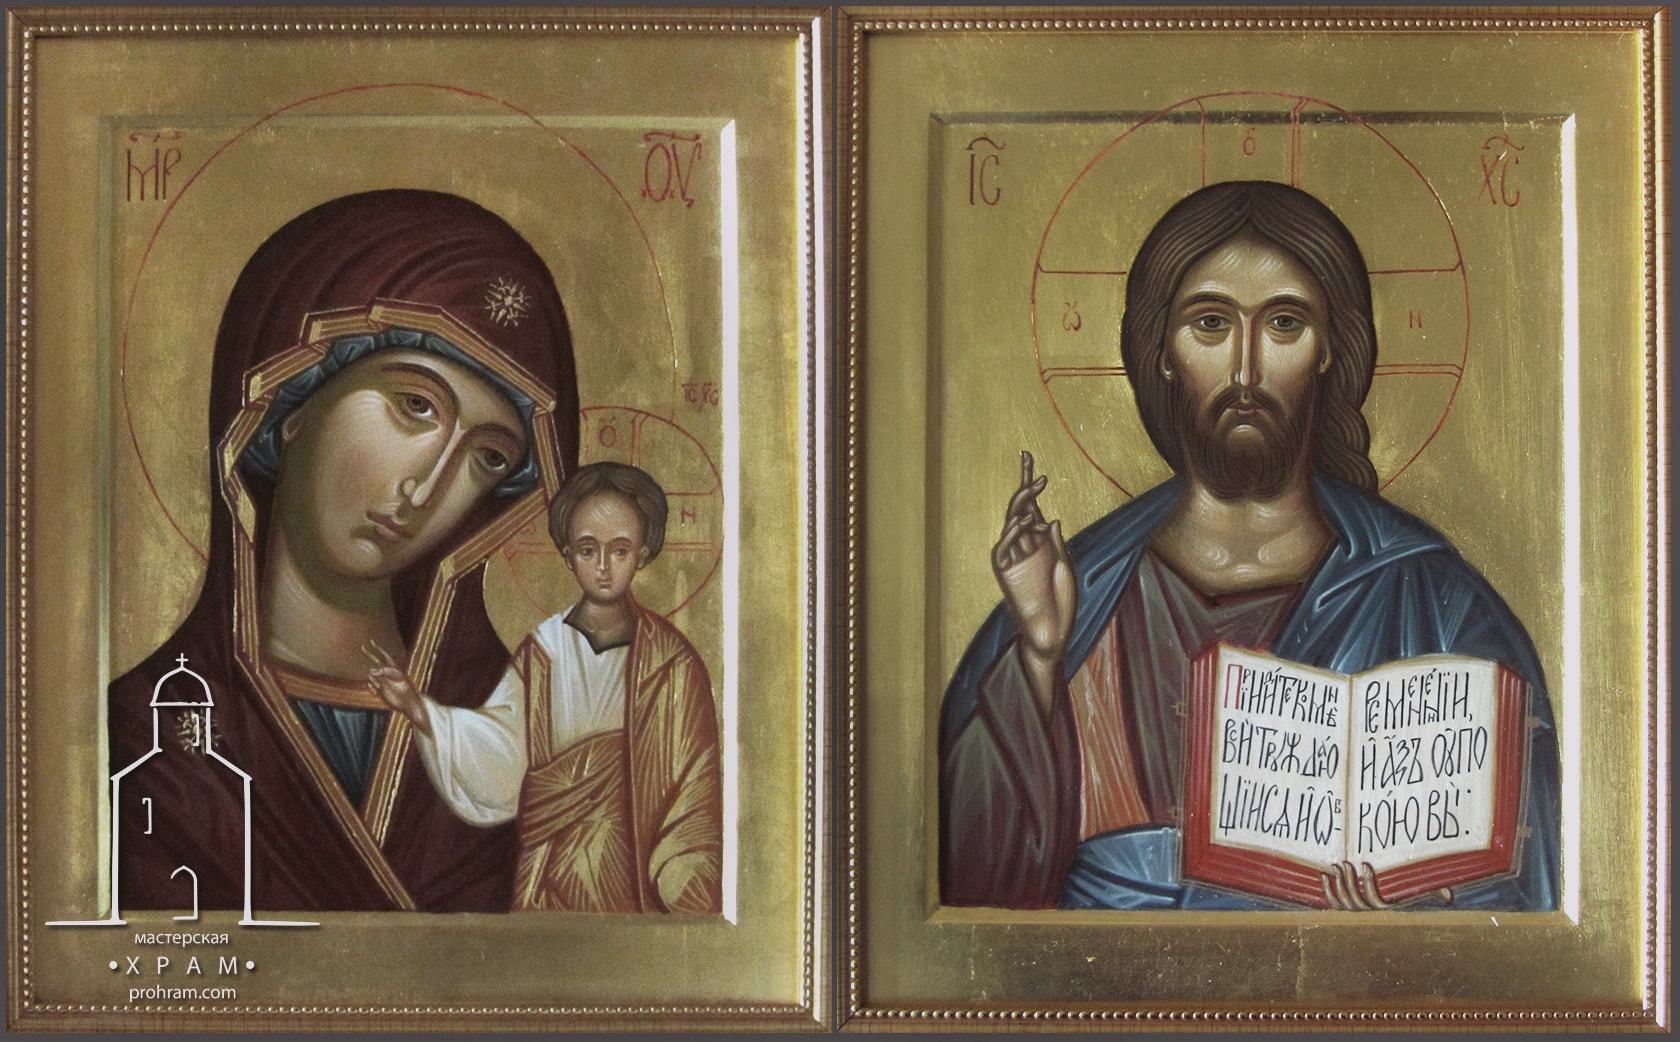 написание икон, заказать написание икон, написание икон на заказ, писаная икона, купить писаную икону, заказать венчальную пару, венчальная пара